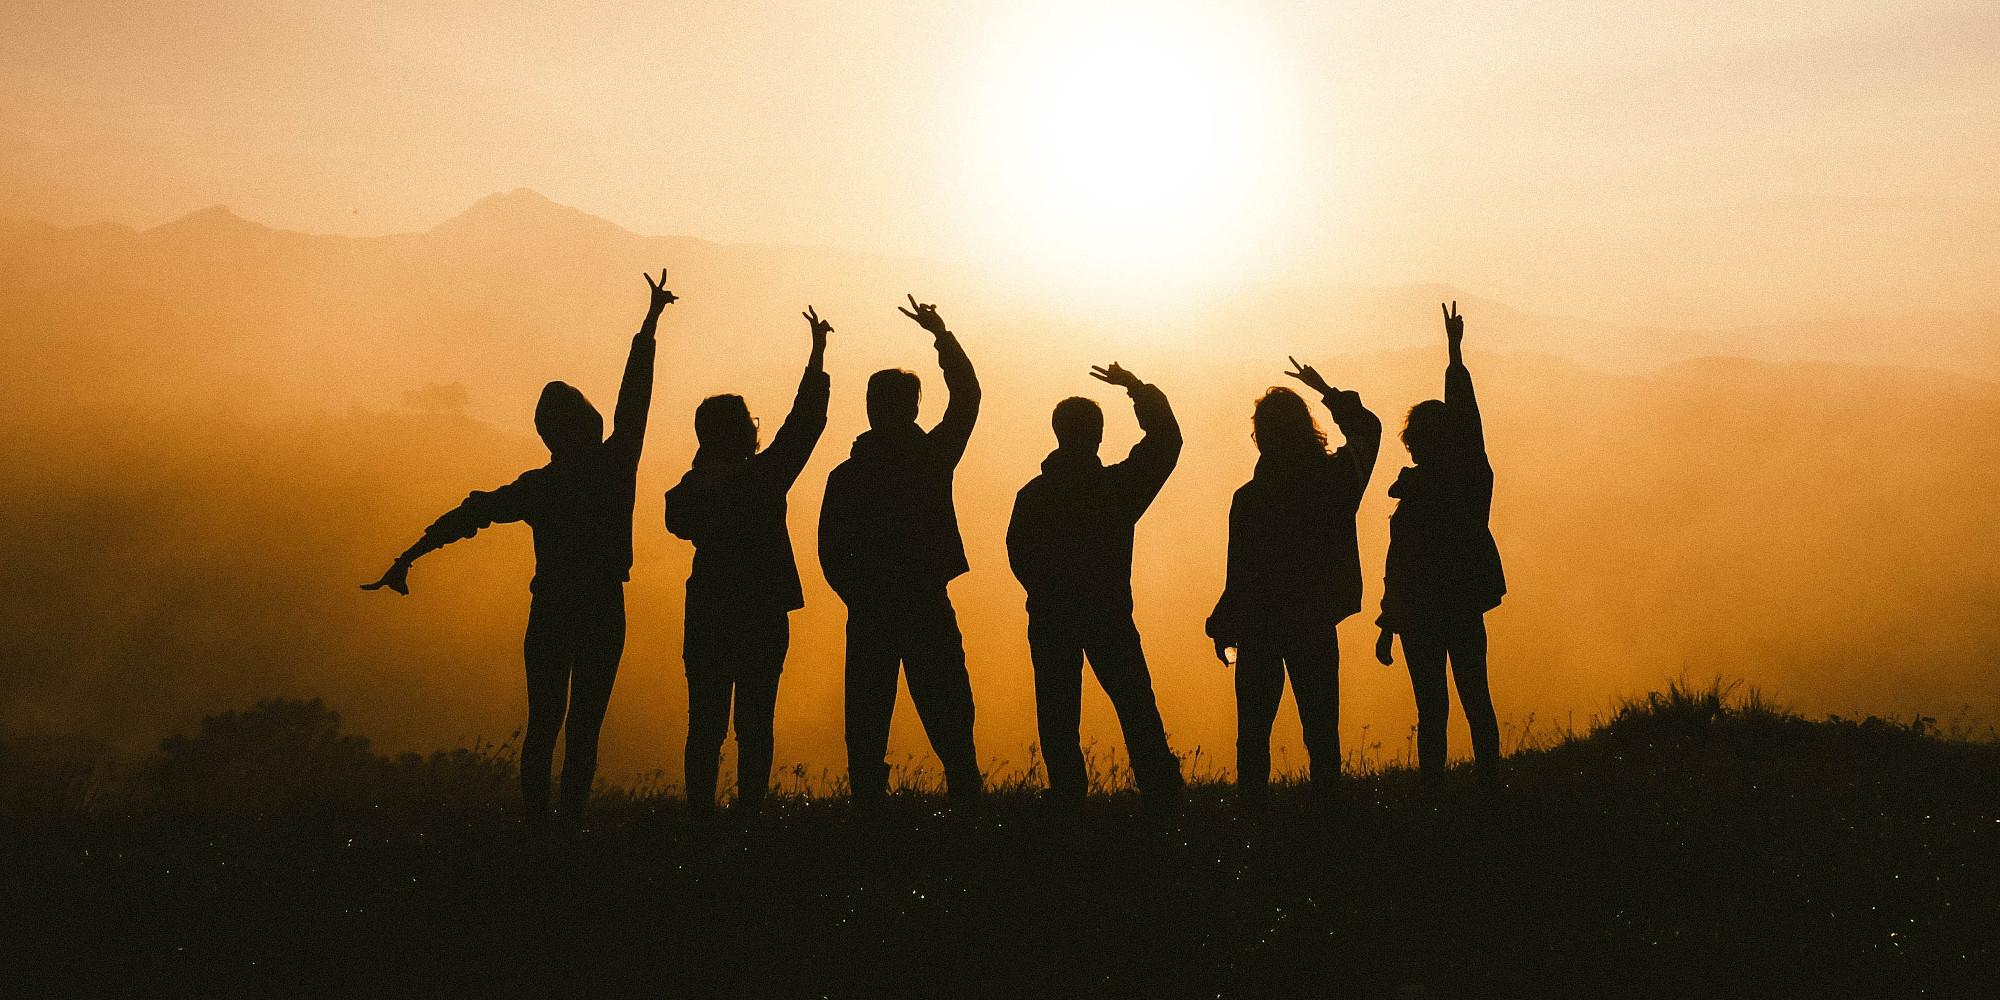 Start with a friend! - Sechs Personen stehen mit erhobenen Armen vorm Sonnenuntergang